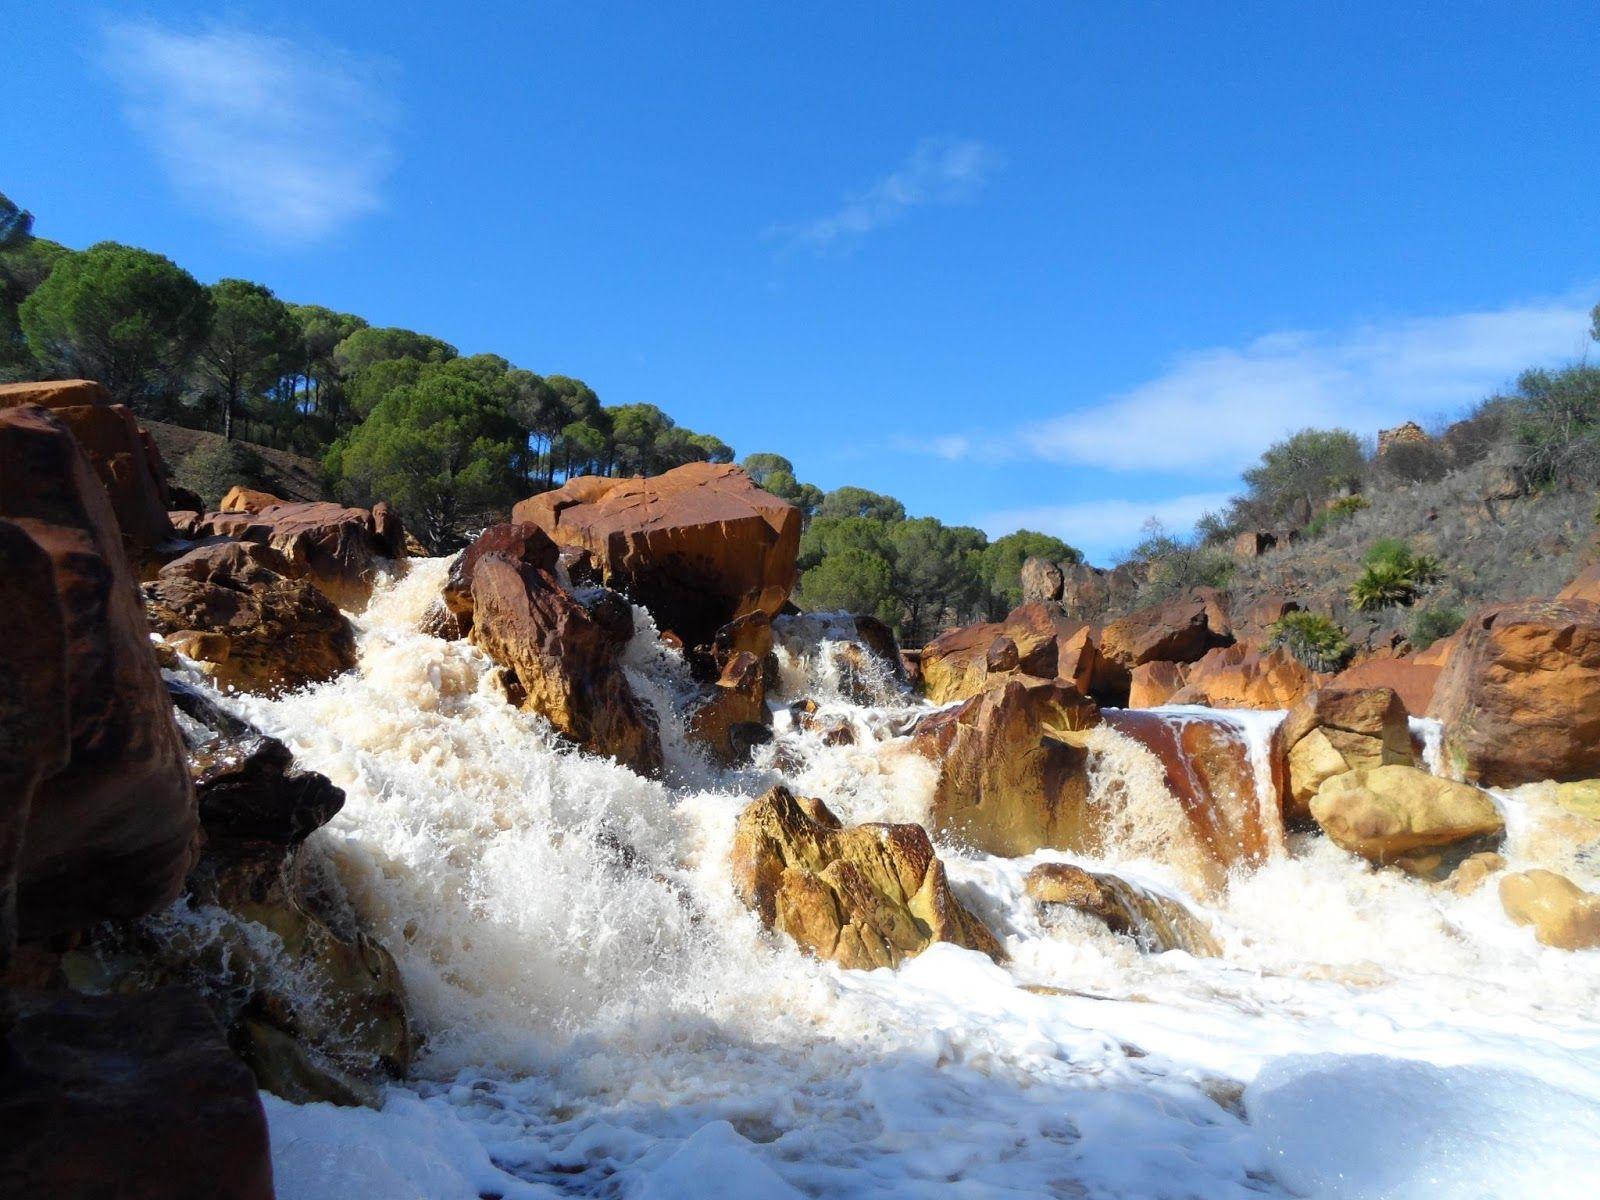 Cascadas del Tinto en Las Majadillas (por Israel Pérez)